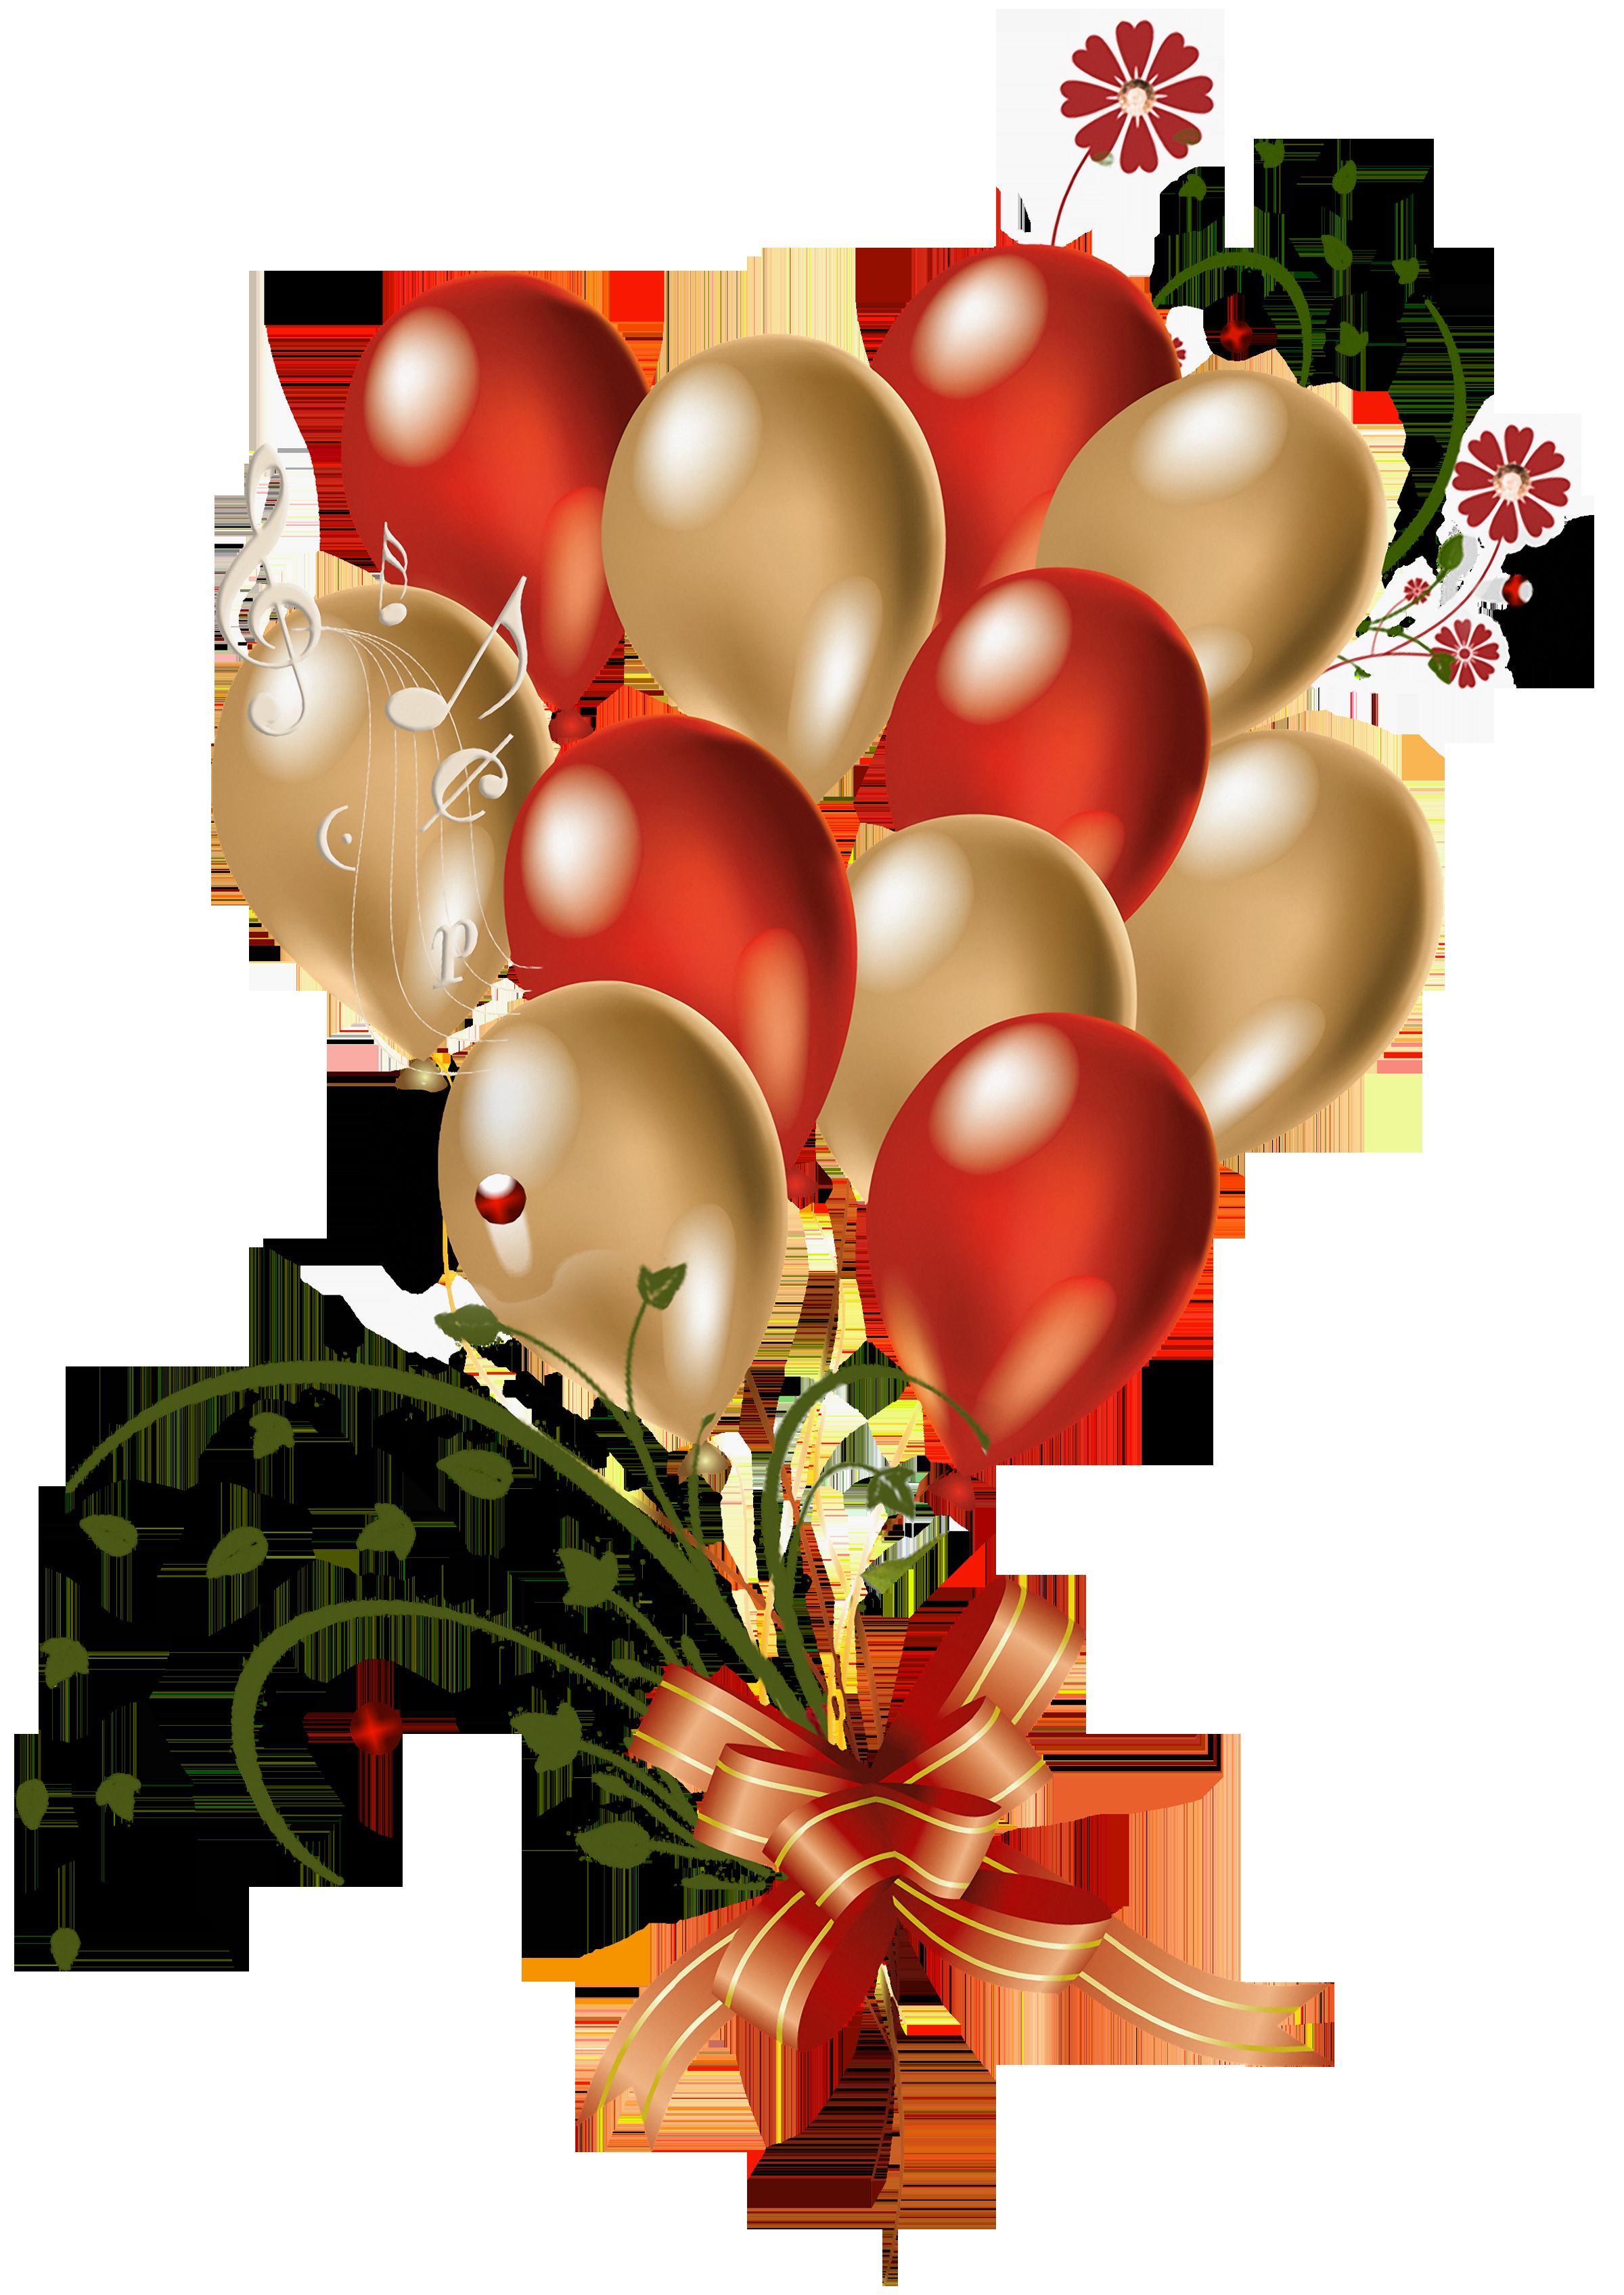 Heart balloons clipart vector transparent download Transparent_Red_and_Gold_Balloons_Clipart.png (PNG Image, 2400 ... vector transparent download